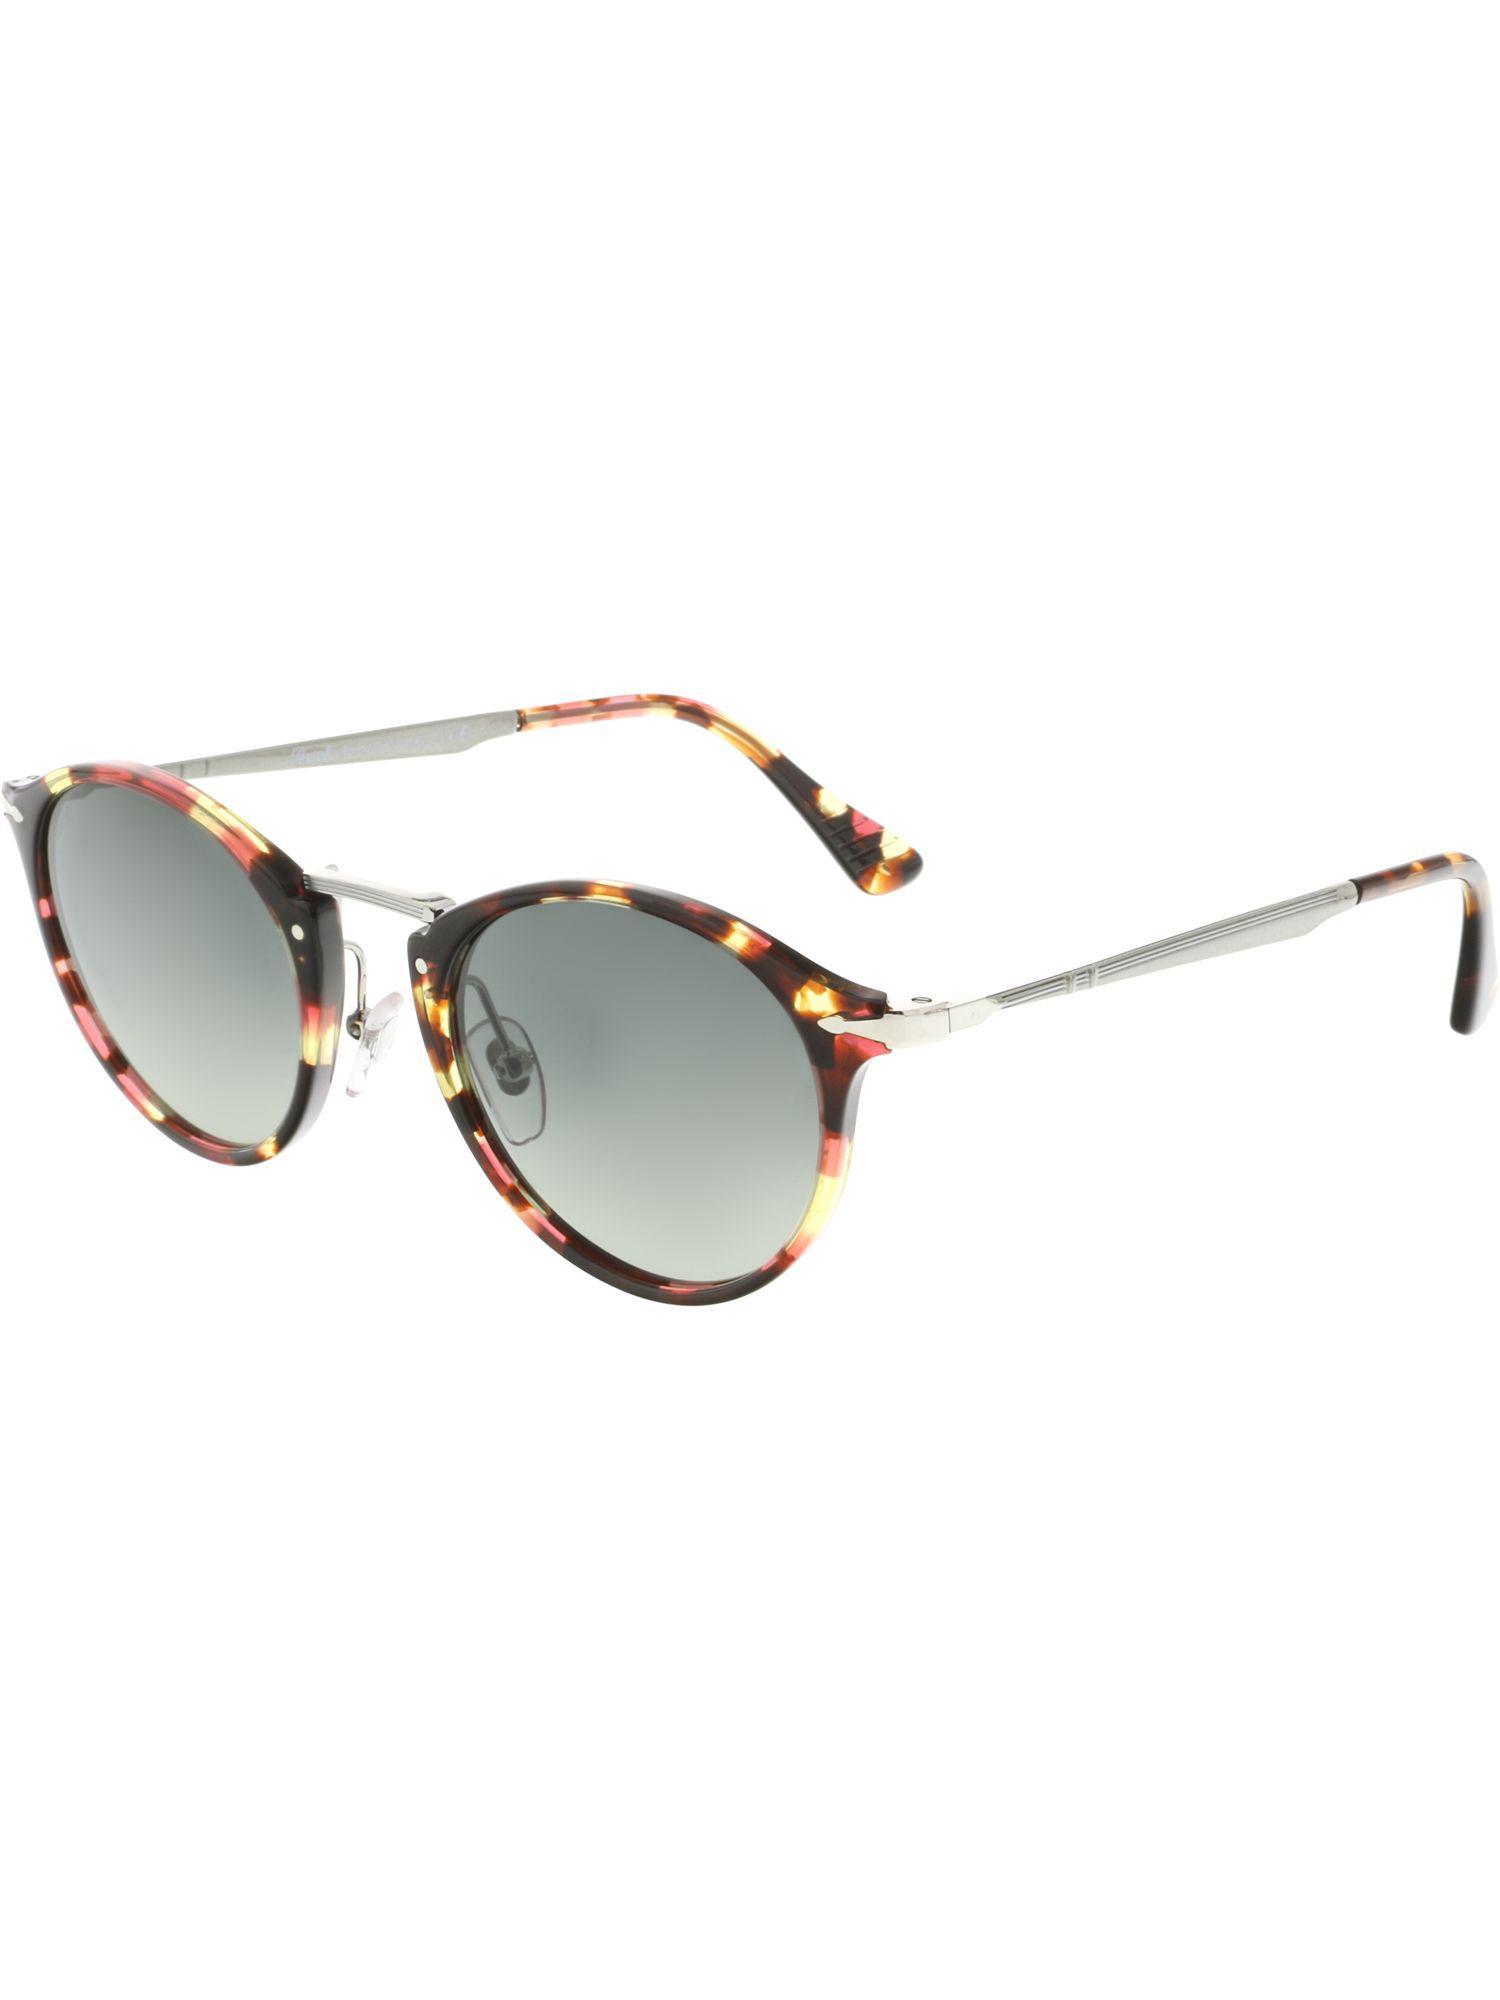 5292c414e1 Lyst - Persol Po3166s-105971-49 Brown Round Sunglasses in Brown for Men